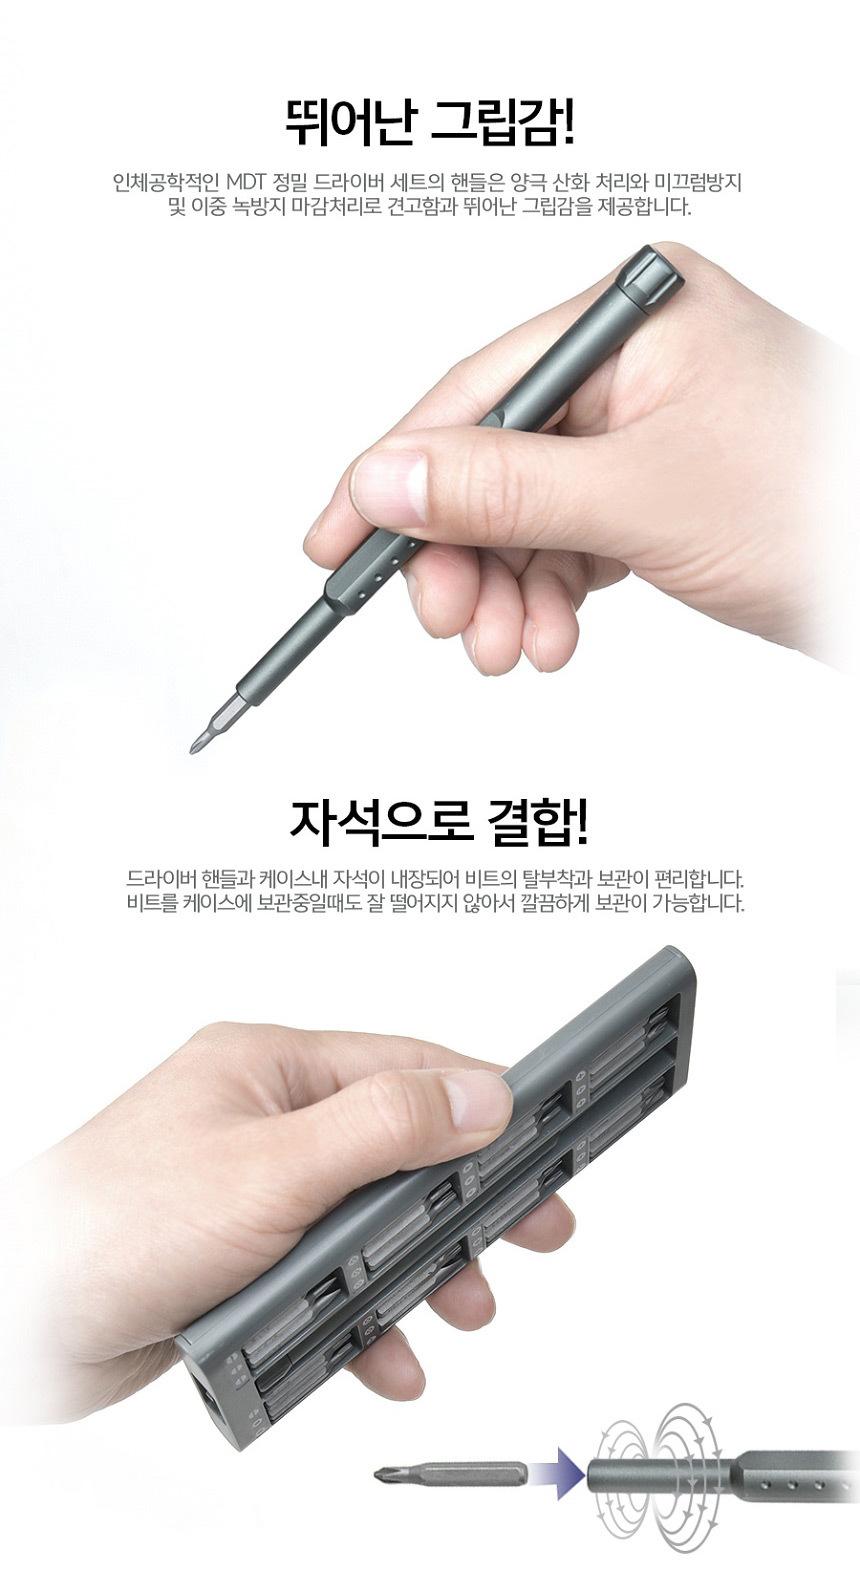 엠디디지탈 엠디디지탈 MDT 정밀 드라이버 세트 (24pcs)